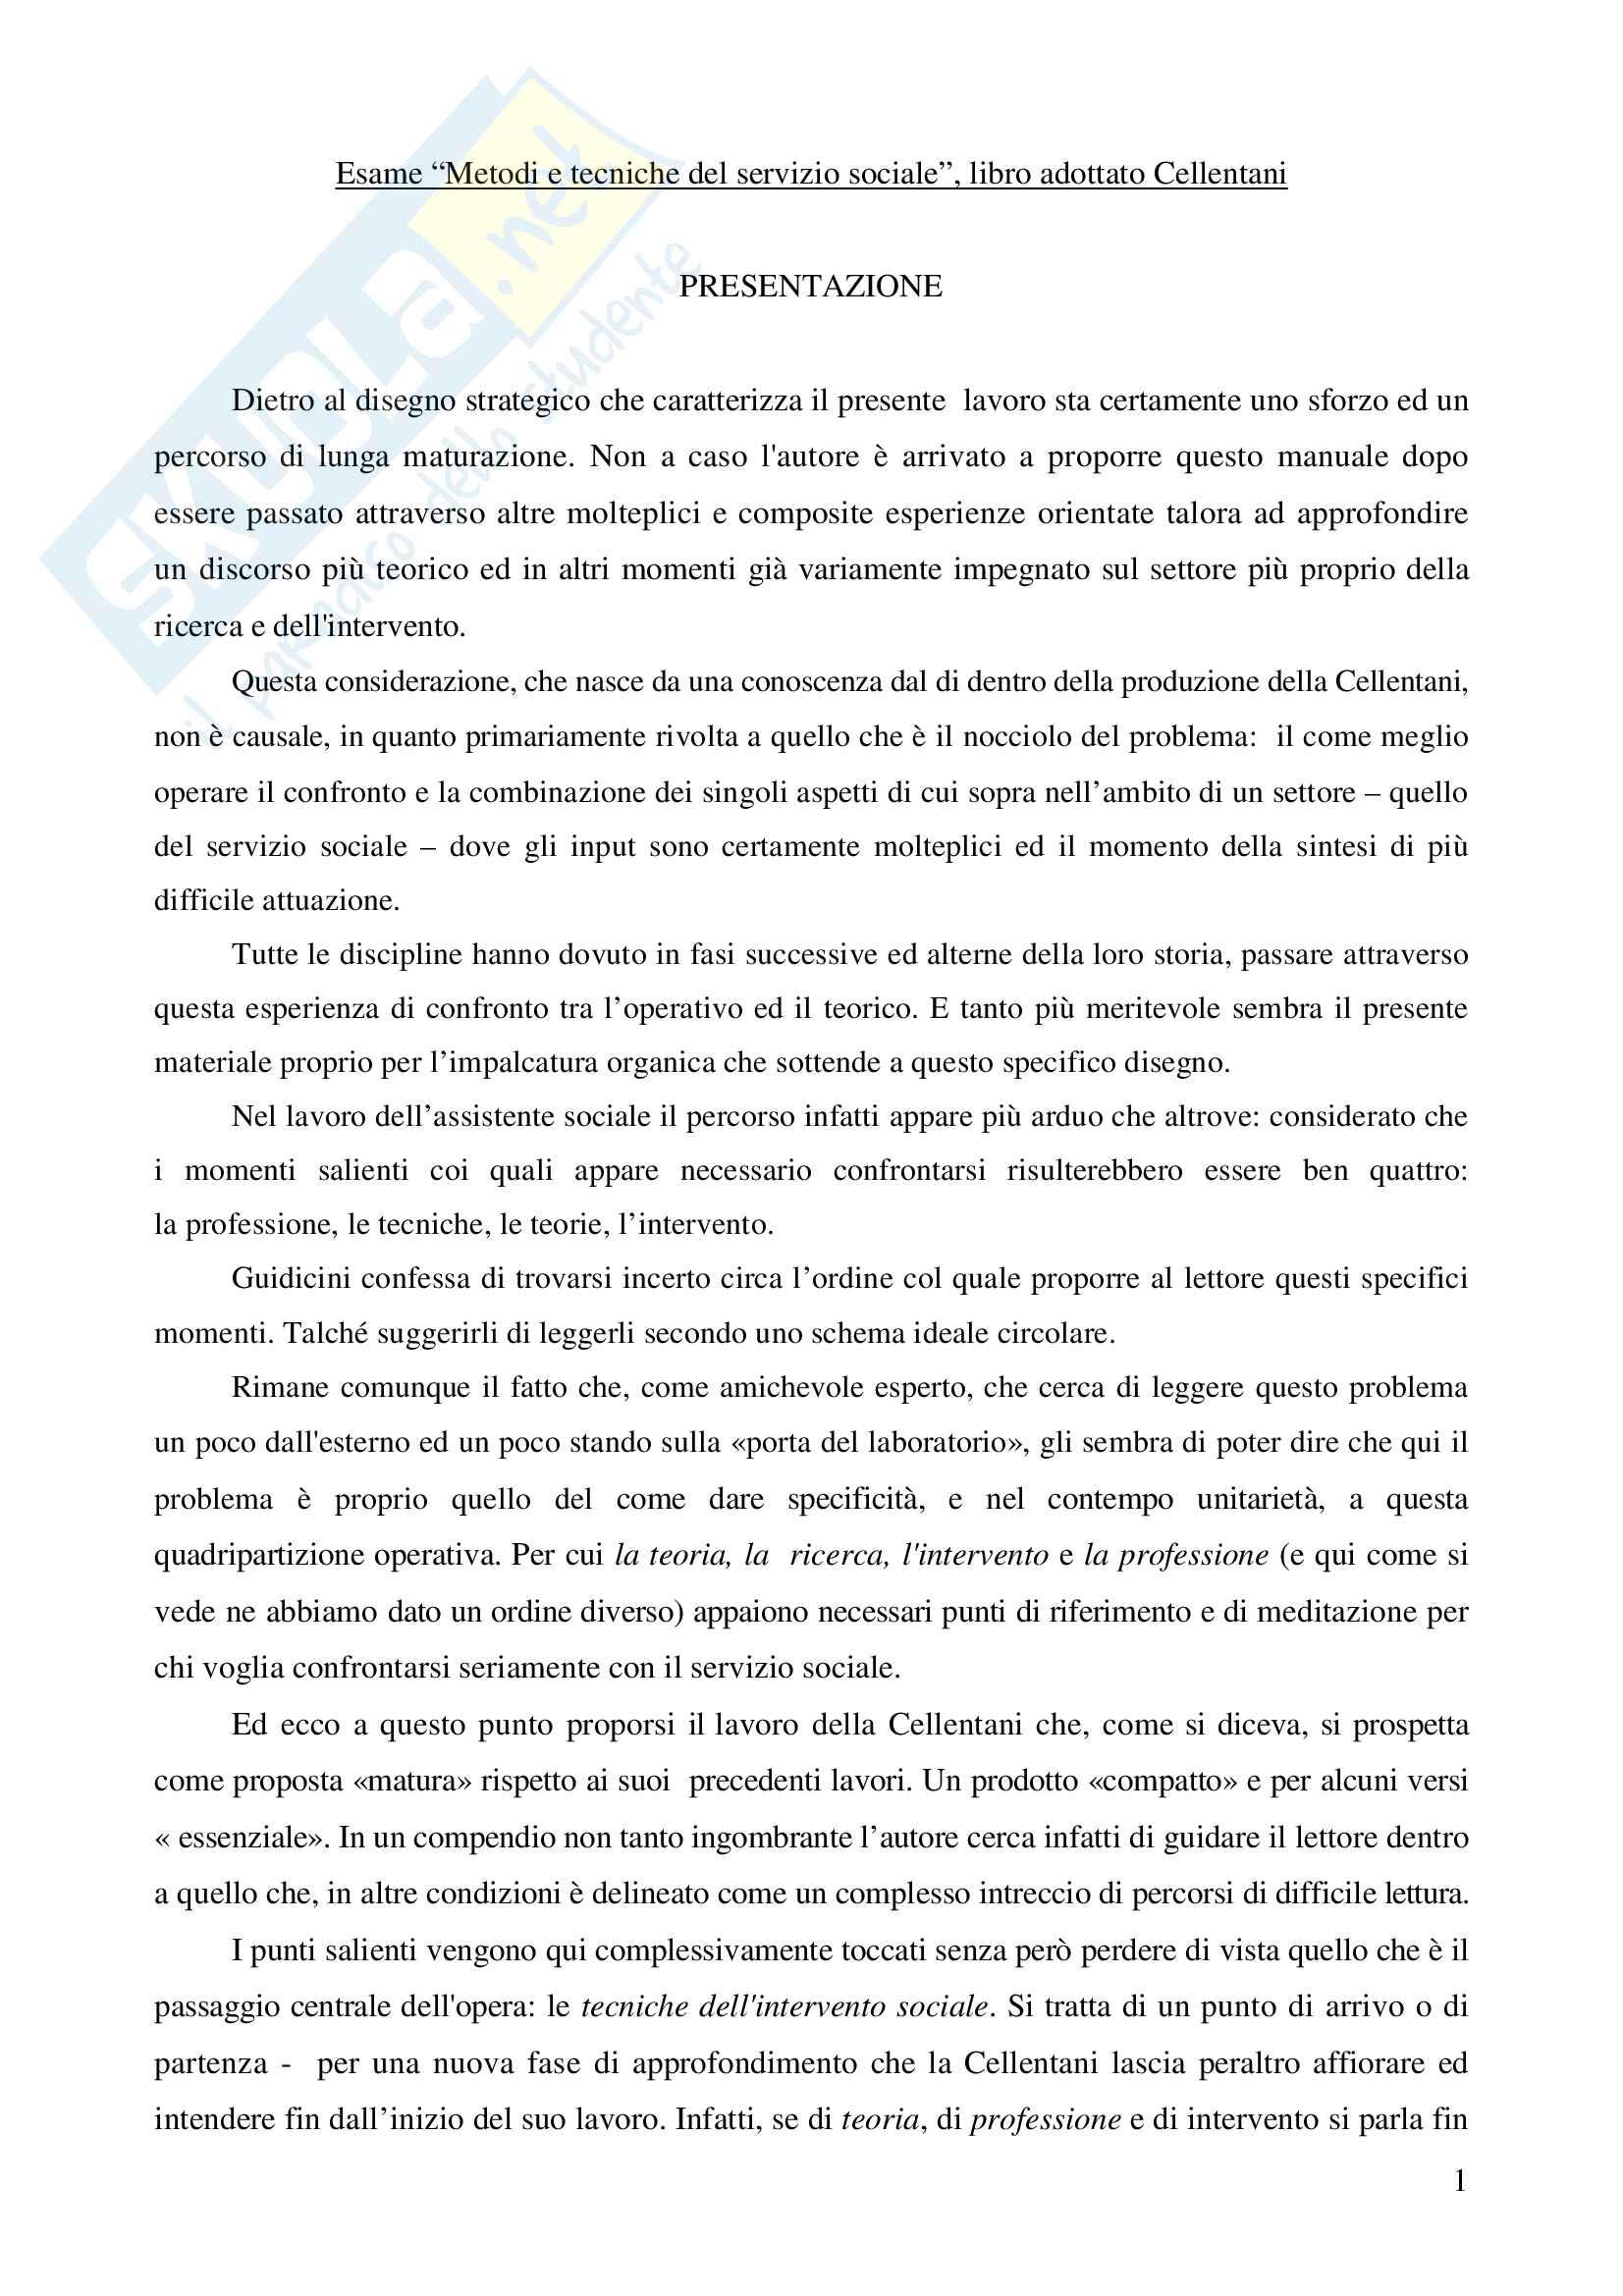 """Riassunto esame Metodi e tecniche del servizio sociale, prof.ssa Rizzo, libro adottato """"Manuale di metodologia del servizio sociale, Cellentani)"""